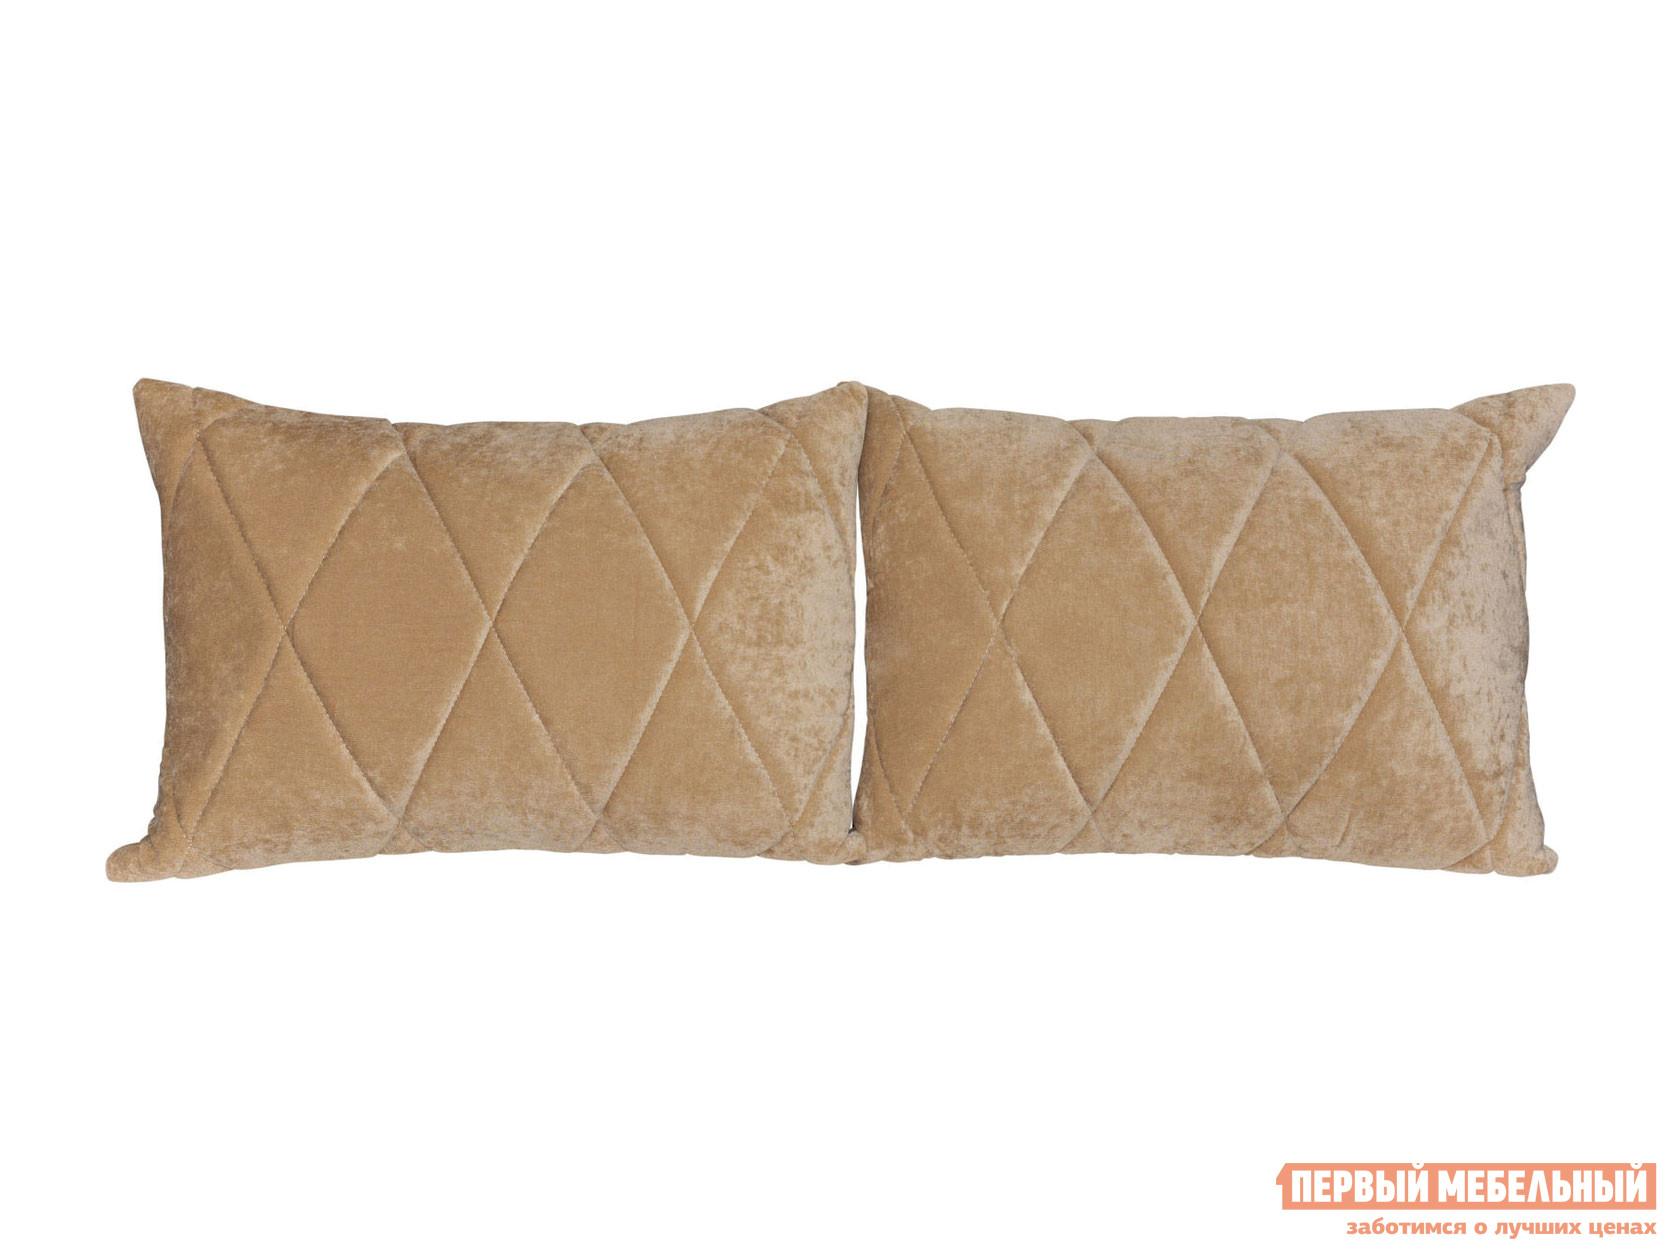 Аксессуар для дивана  Комплект подушек к дивану Роуз Бежевый, микровельвет — Комплект подушек к дивану Роуз Бежевый, микровельвет